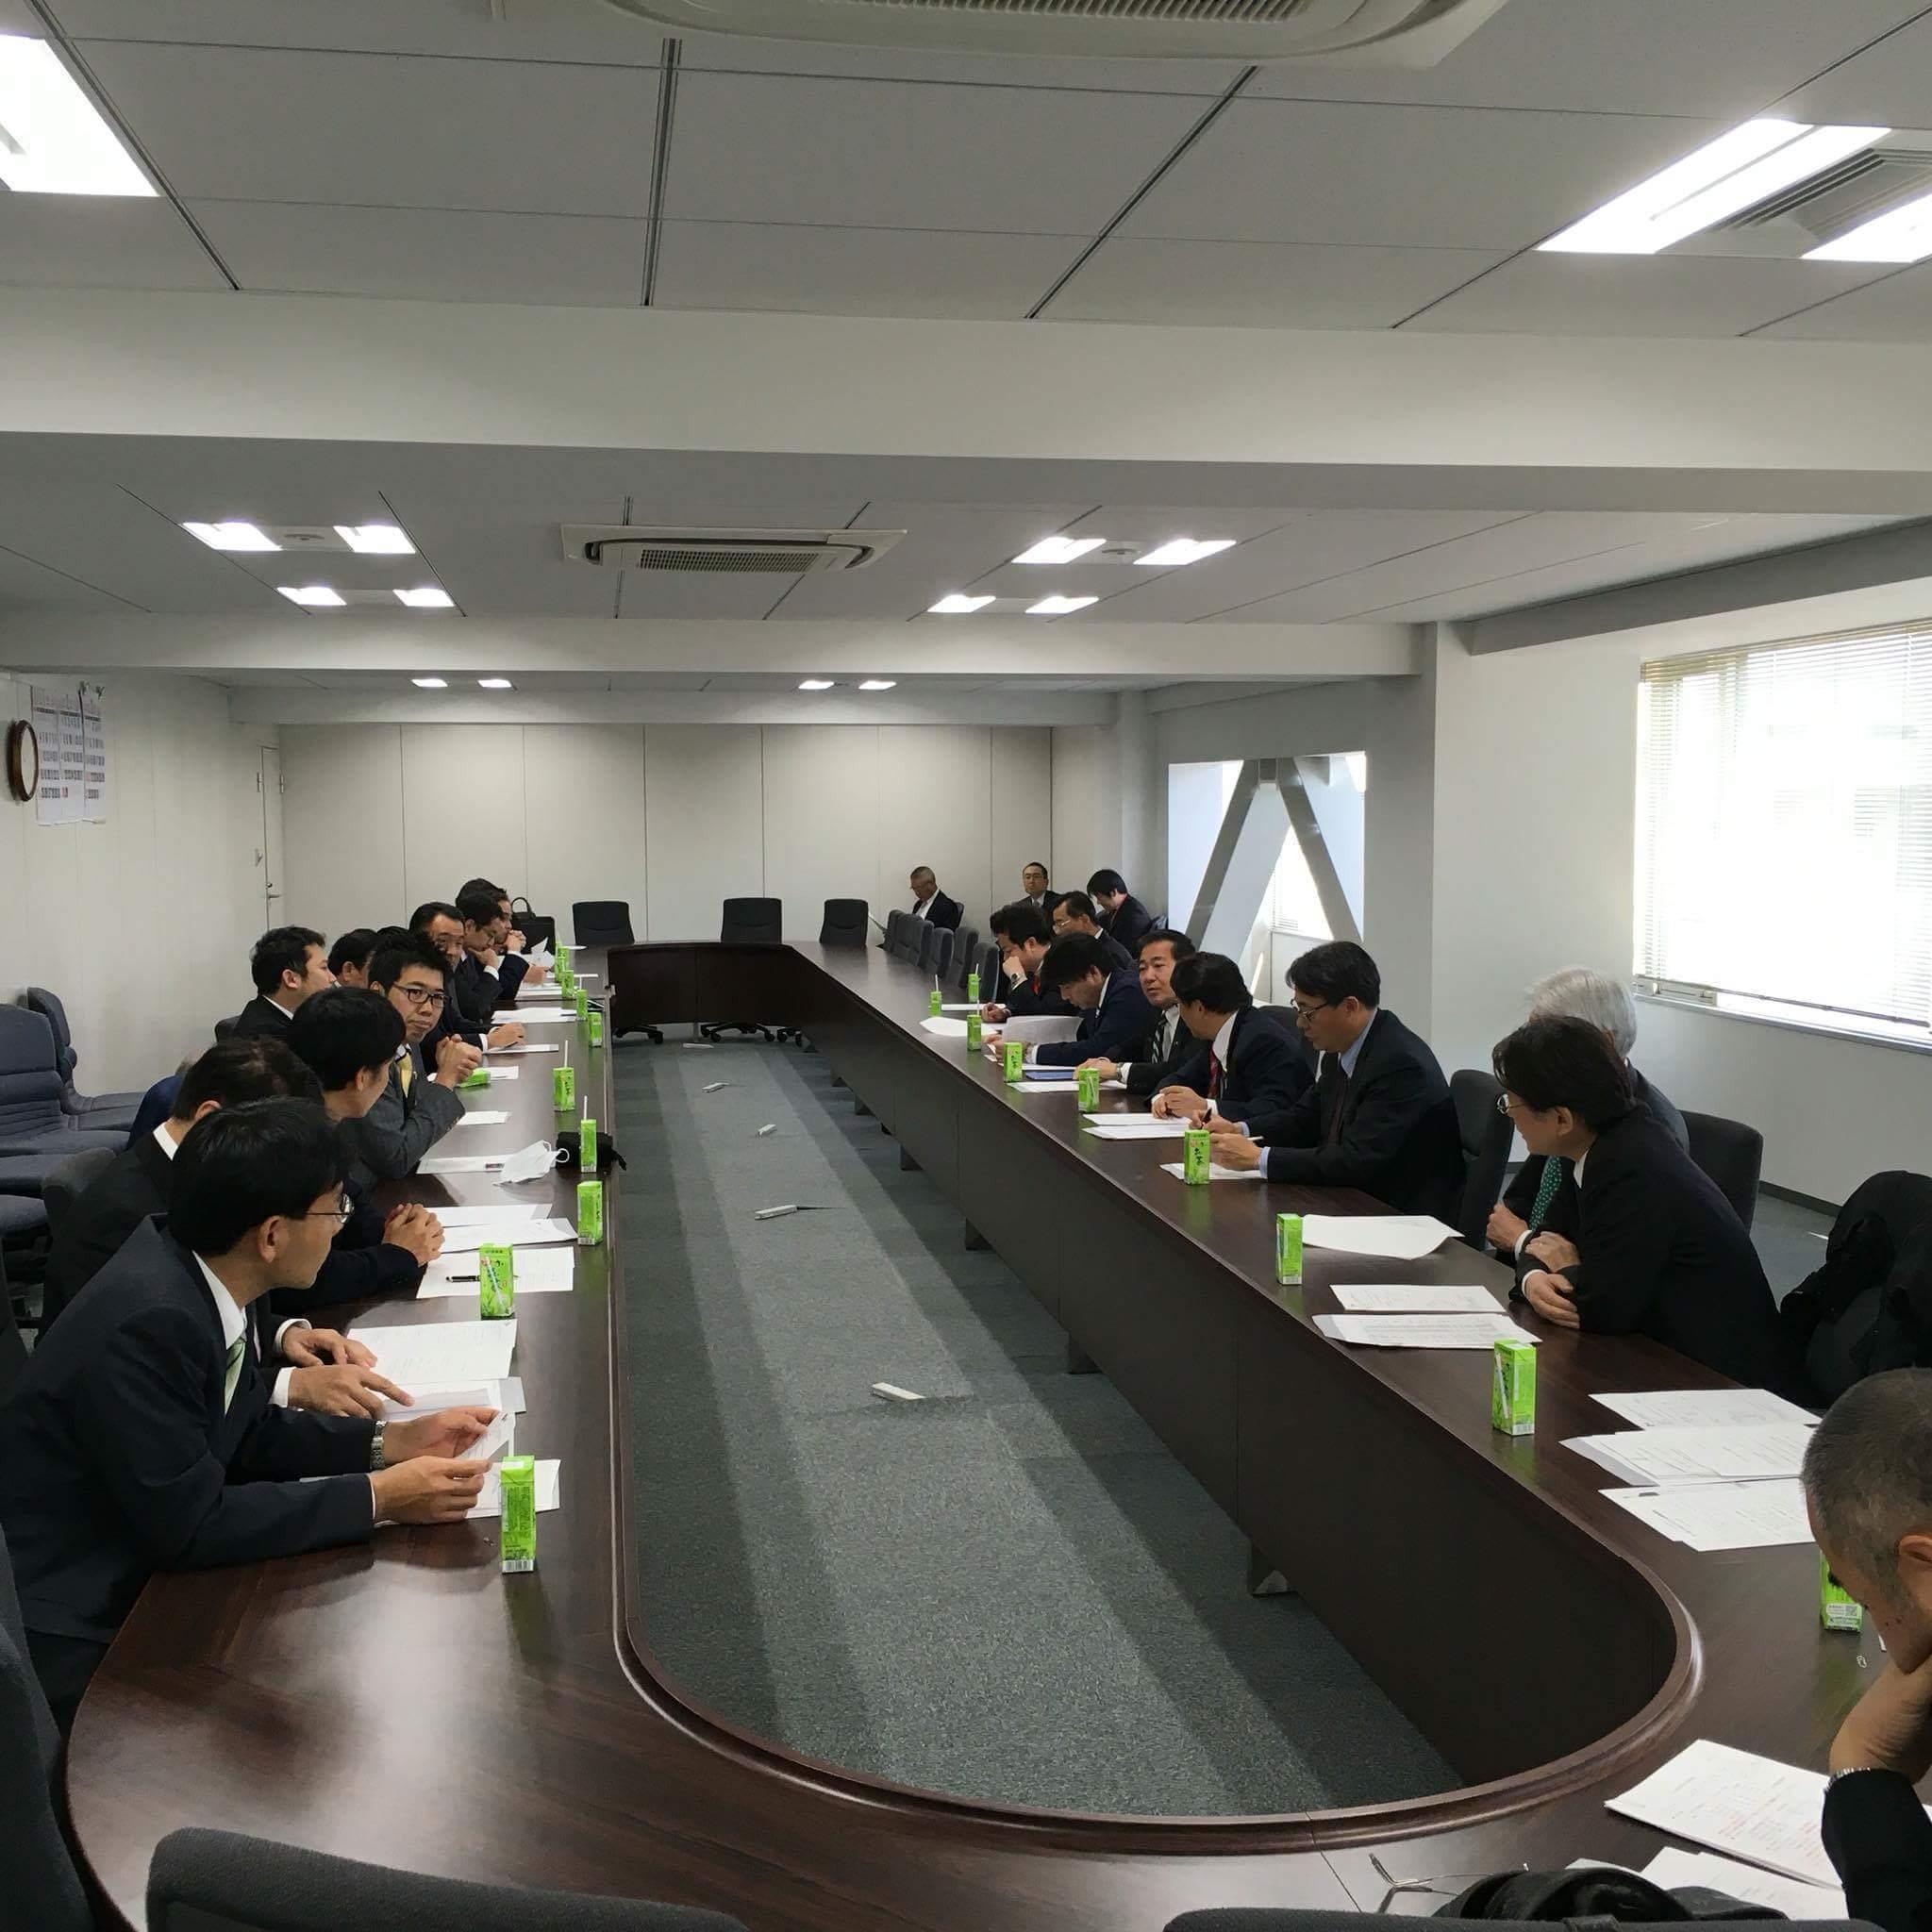 12月21日(月) 民主党都連常任幹事会にて_e0093518_10134262.jpeg